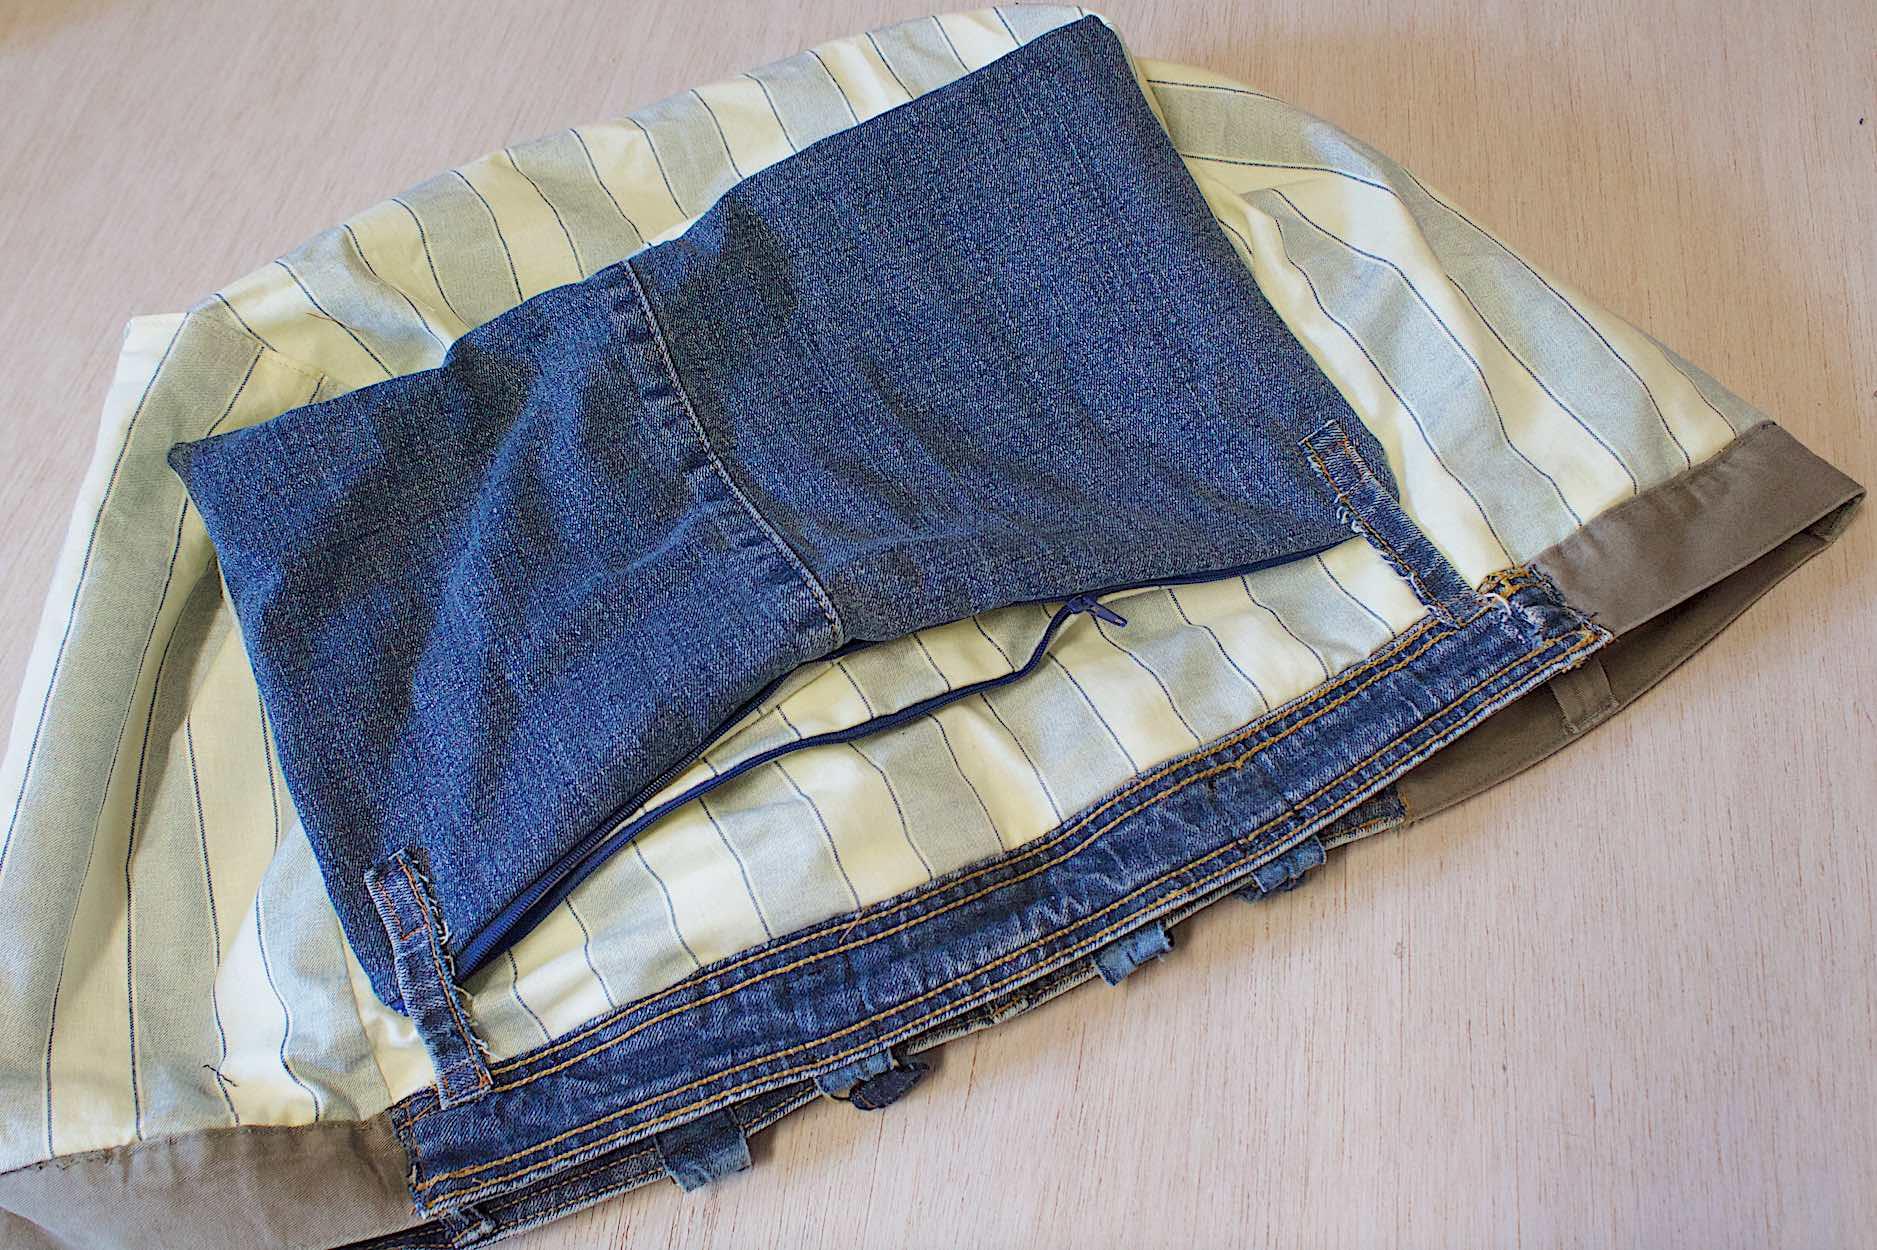 realizzate una pochette interna da cucire con i passanti dei jeans